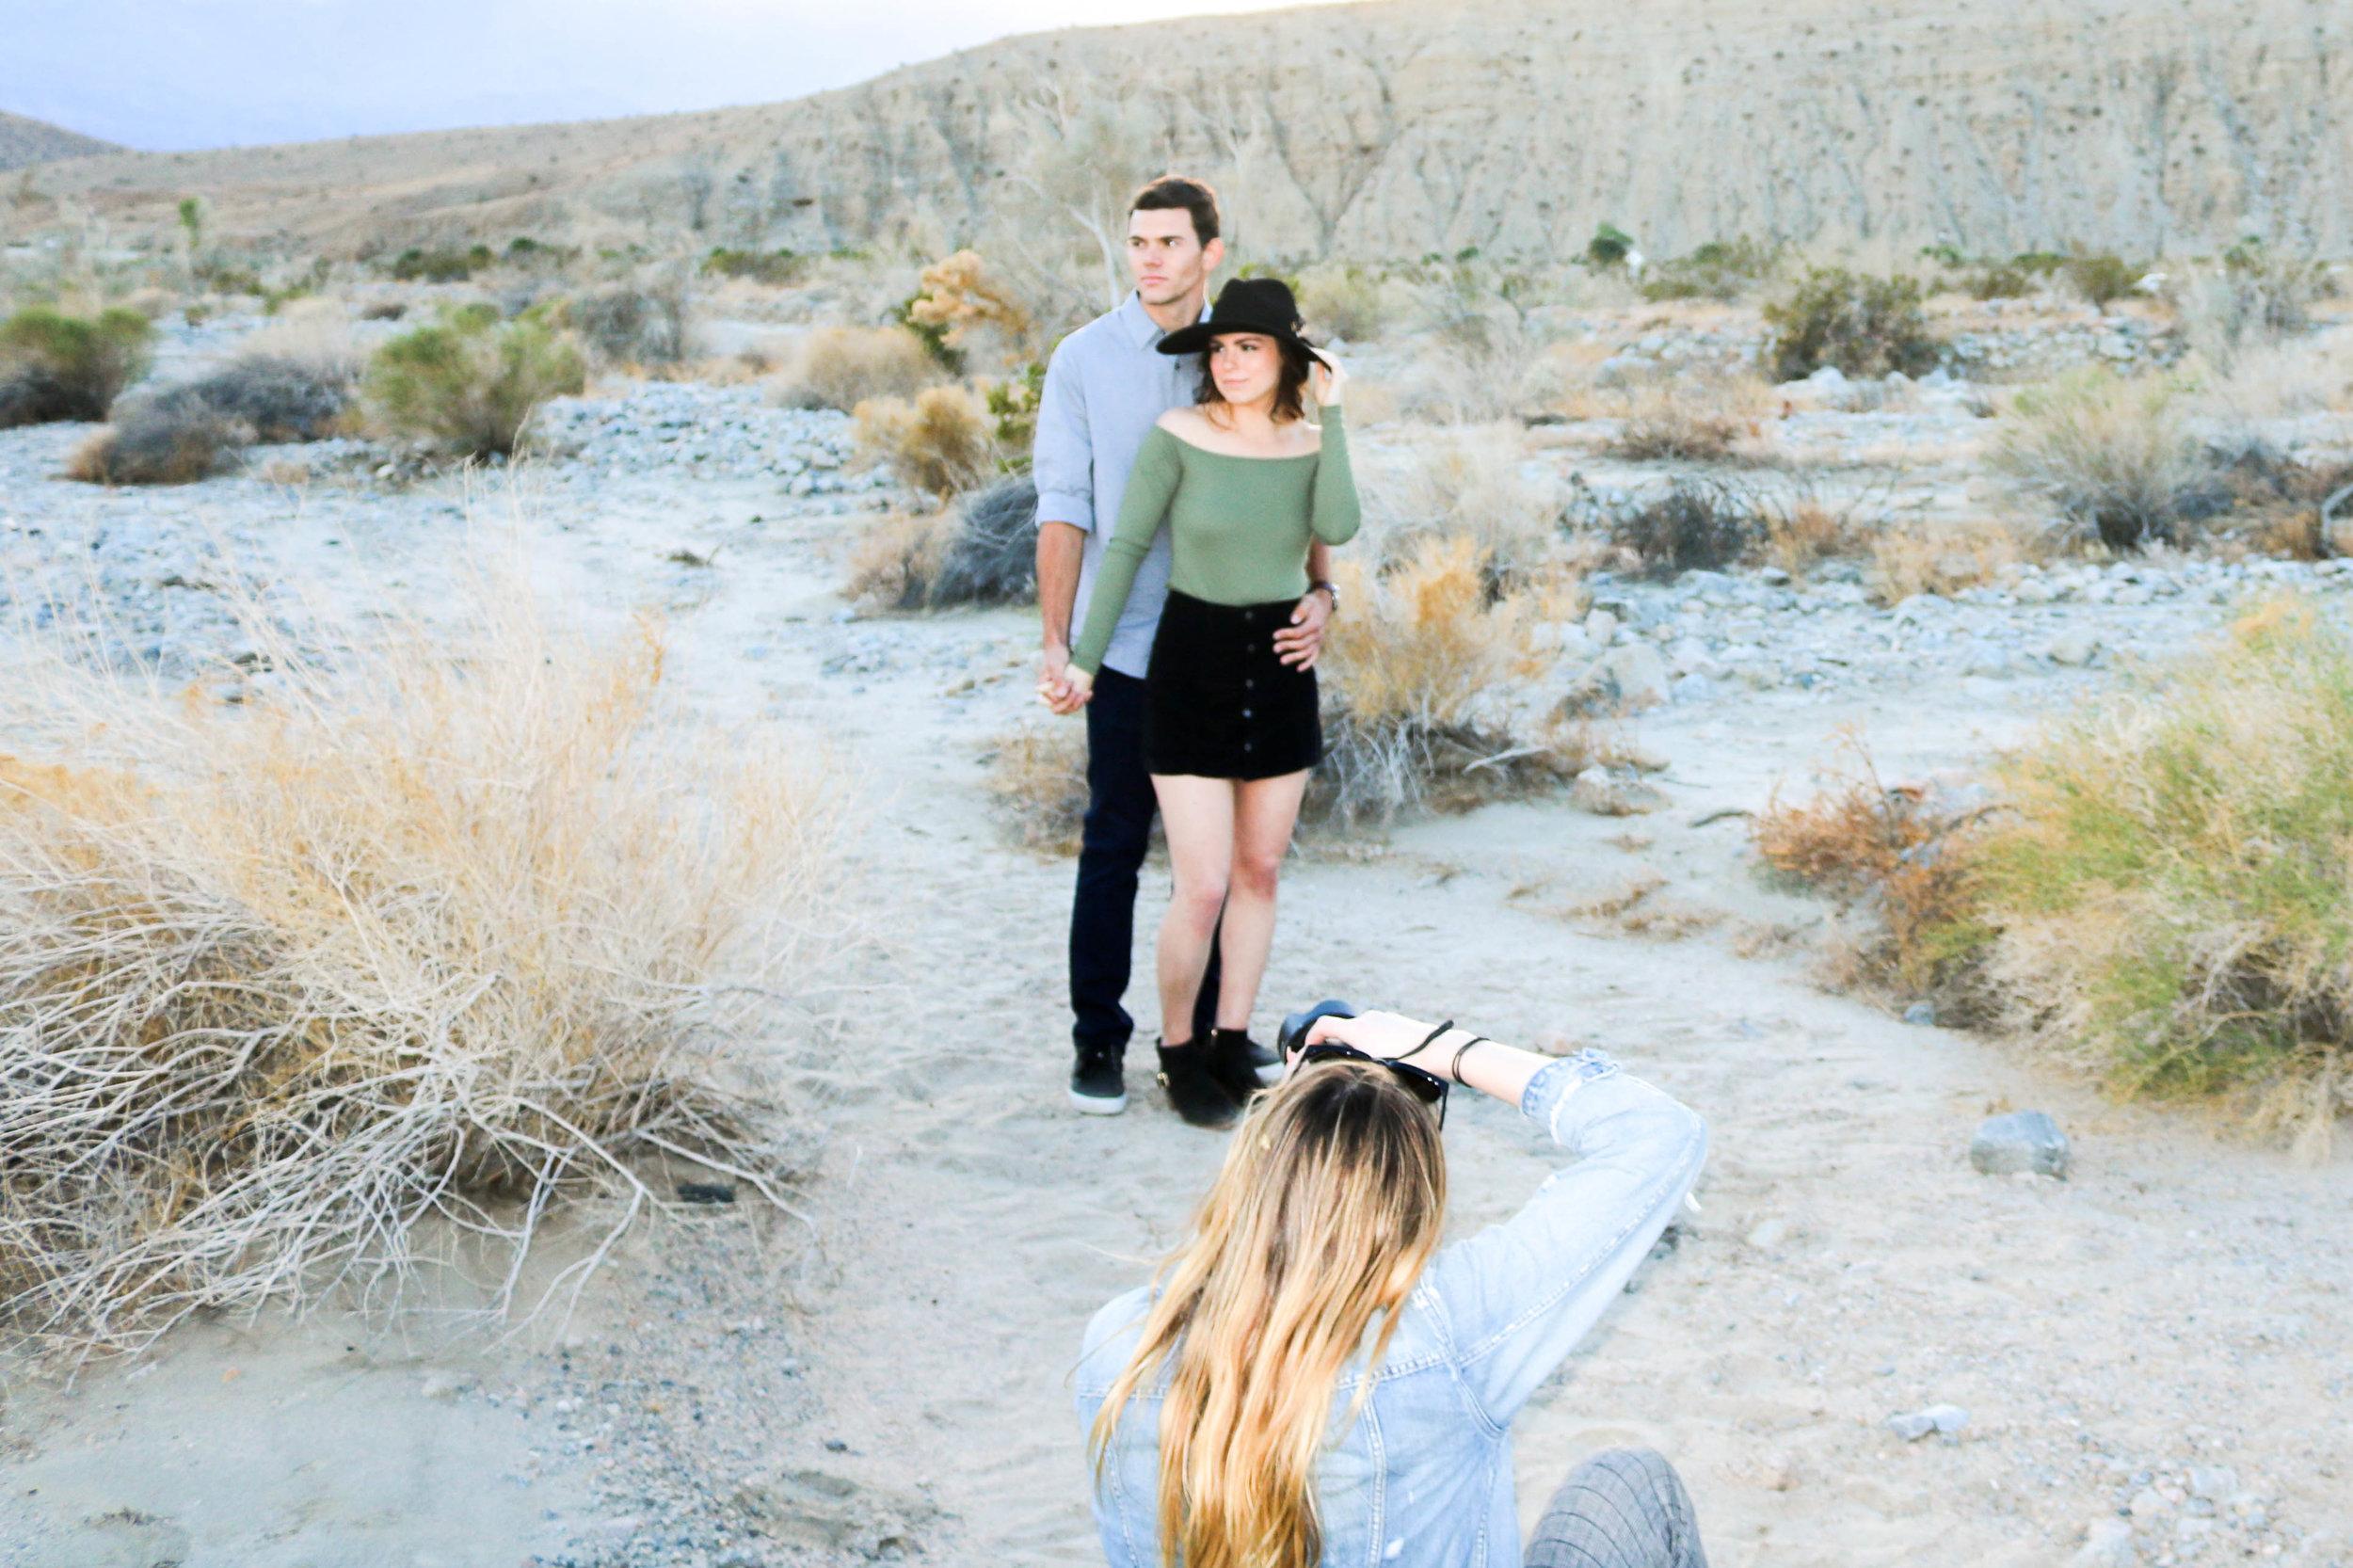 The Desert Shootout